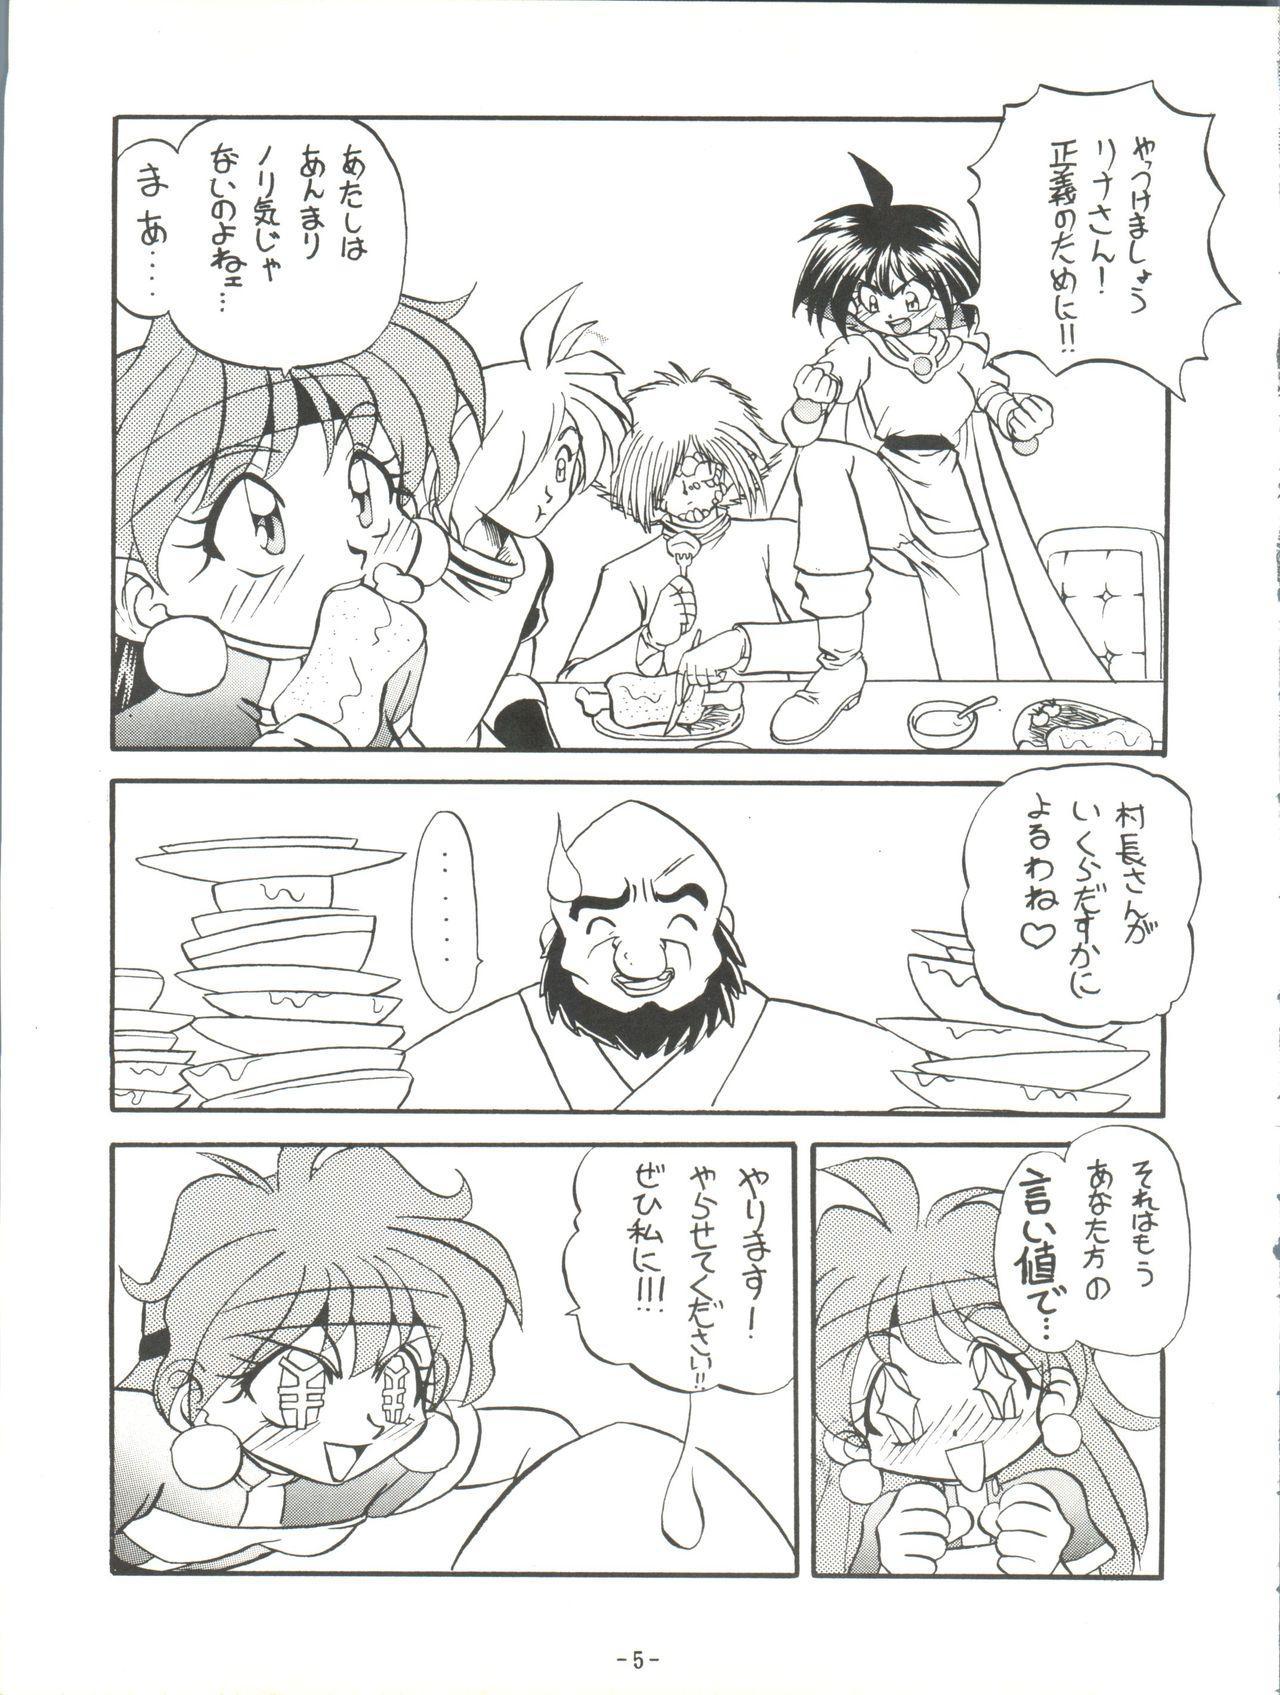 BTB-19.3 Kyou no Ohiru wa Naani 6